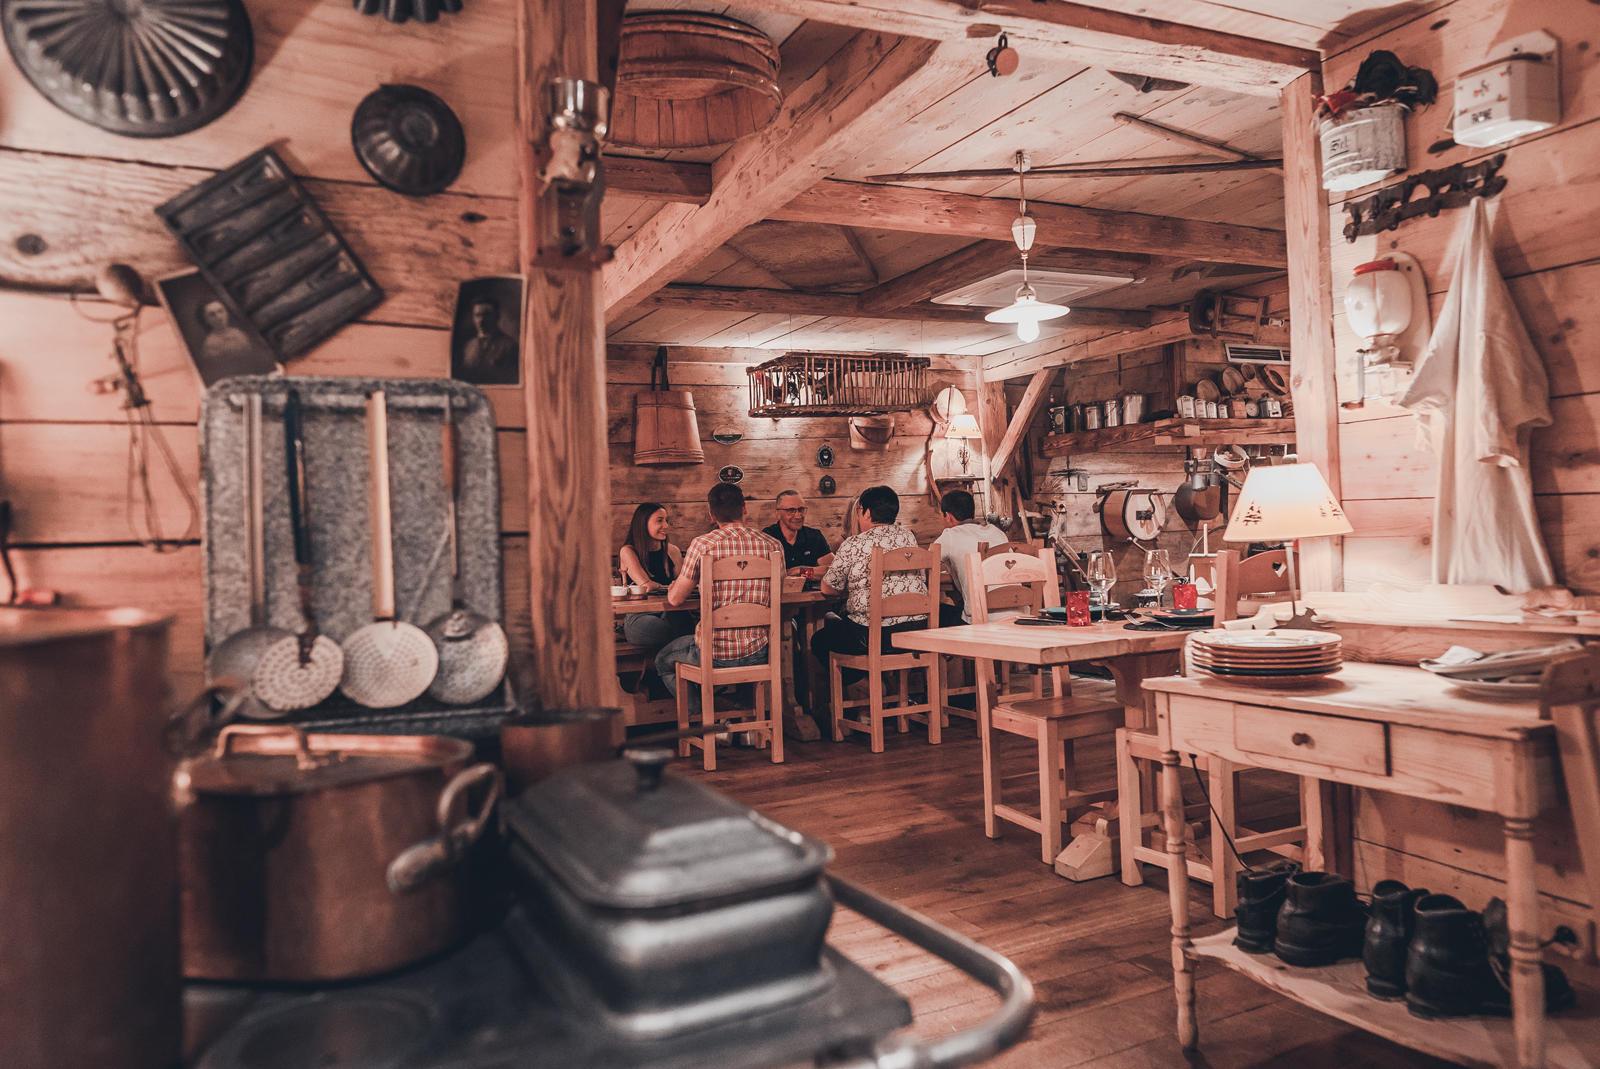 Décoration avec un ancien fourneau et famille en train de dîner